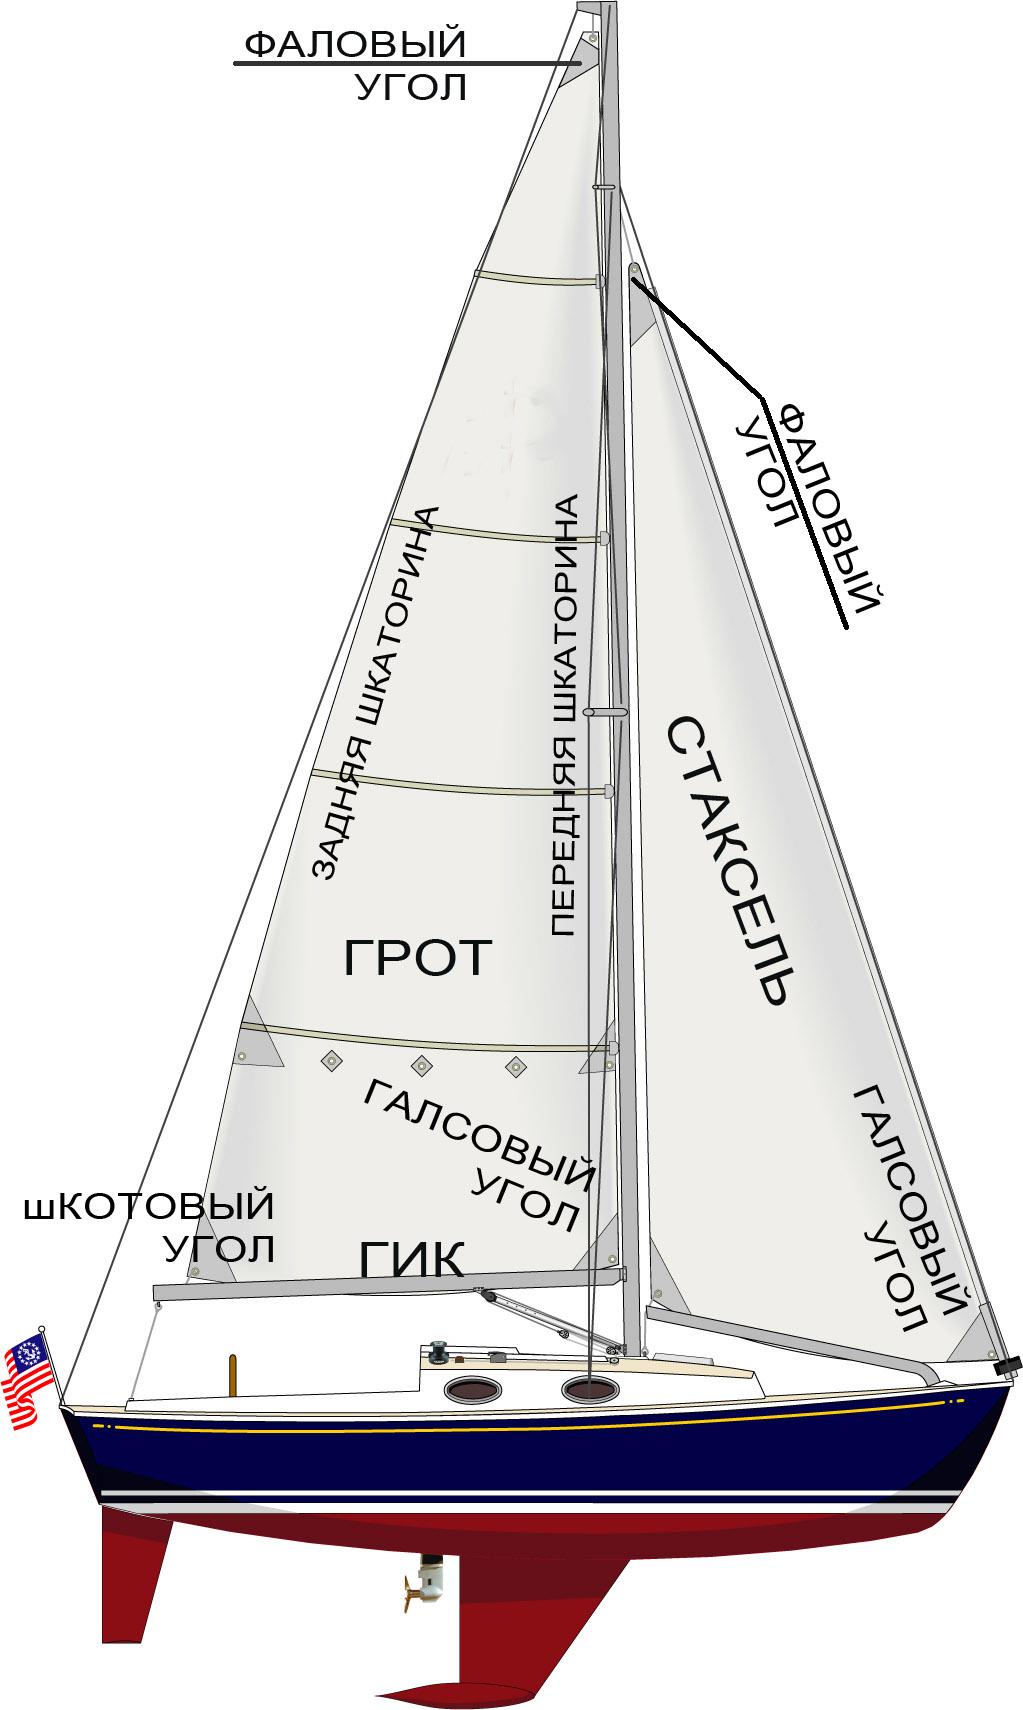 Морская практика для новичков Яхтенные термины